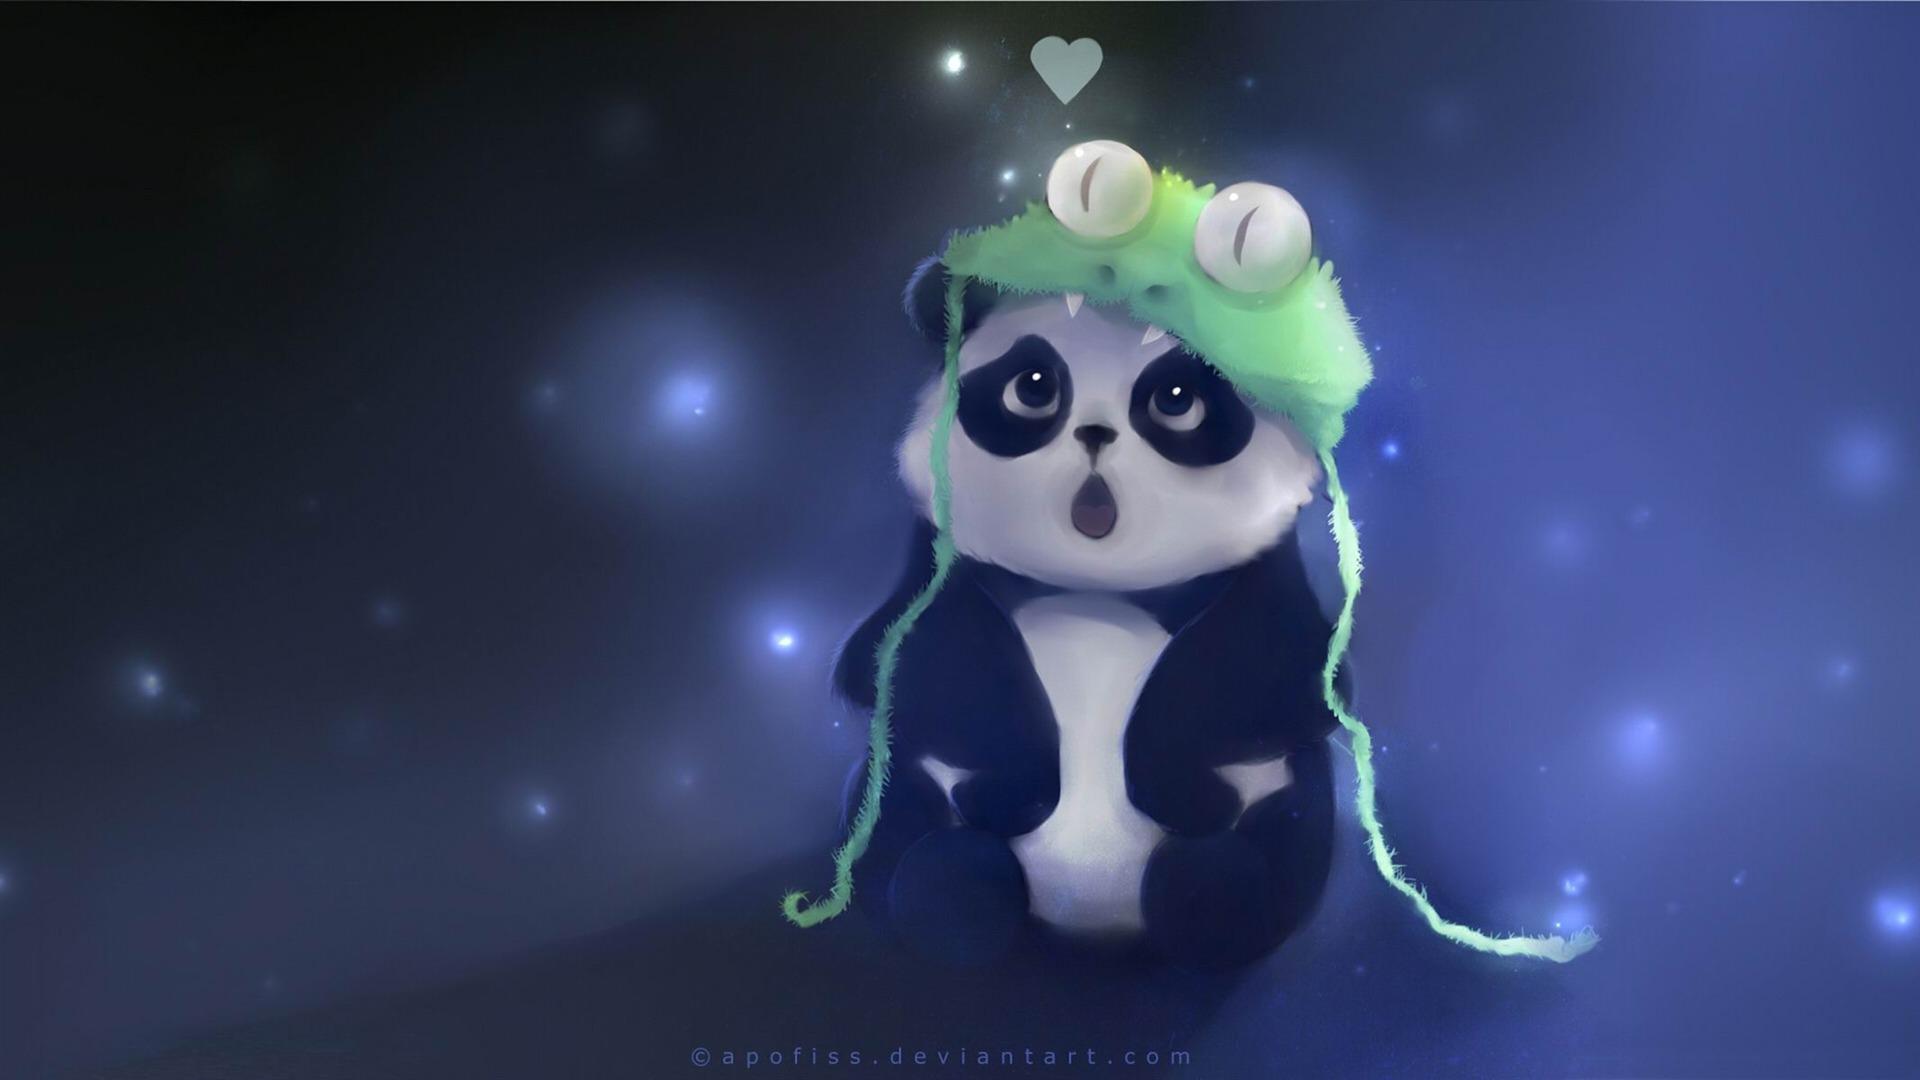 Cute Panda Peinture Fantasy Fond D Ecran Apercu 10wallpaper Com